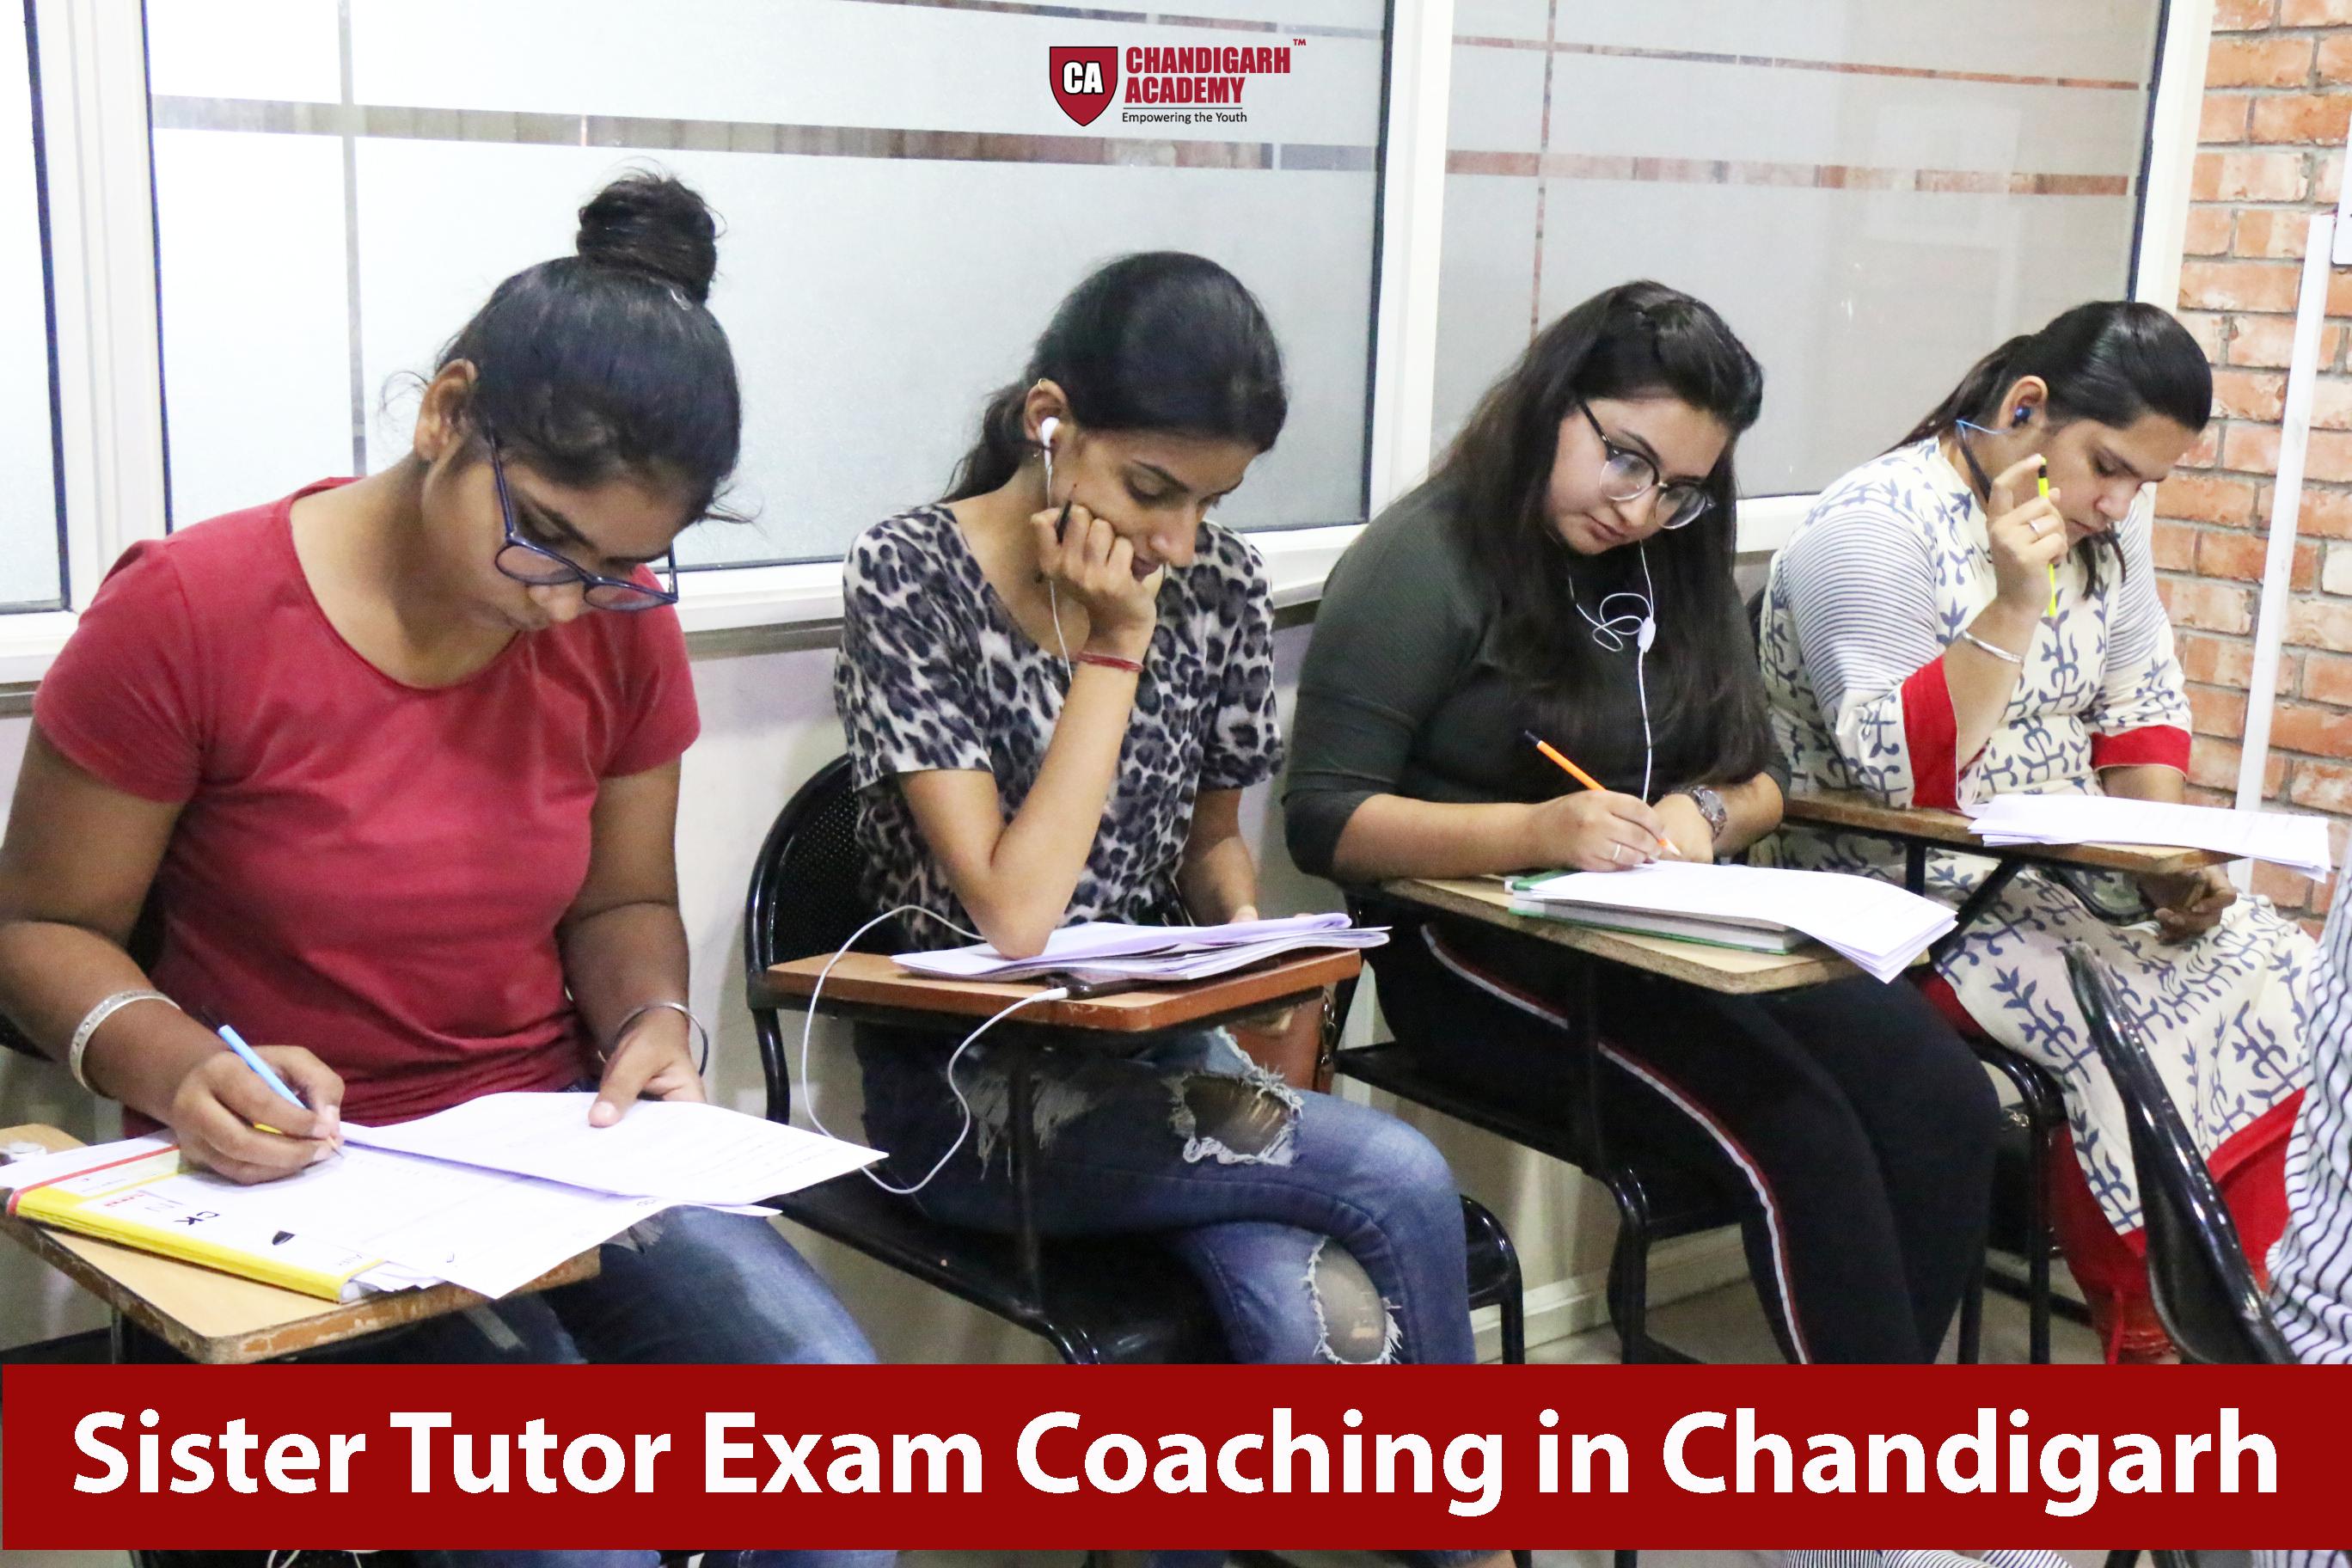 Sister Tutor Exam Coaching in Chandigarh